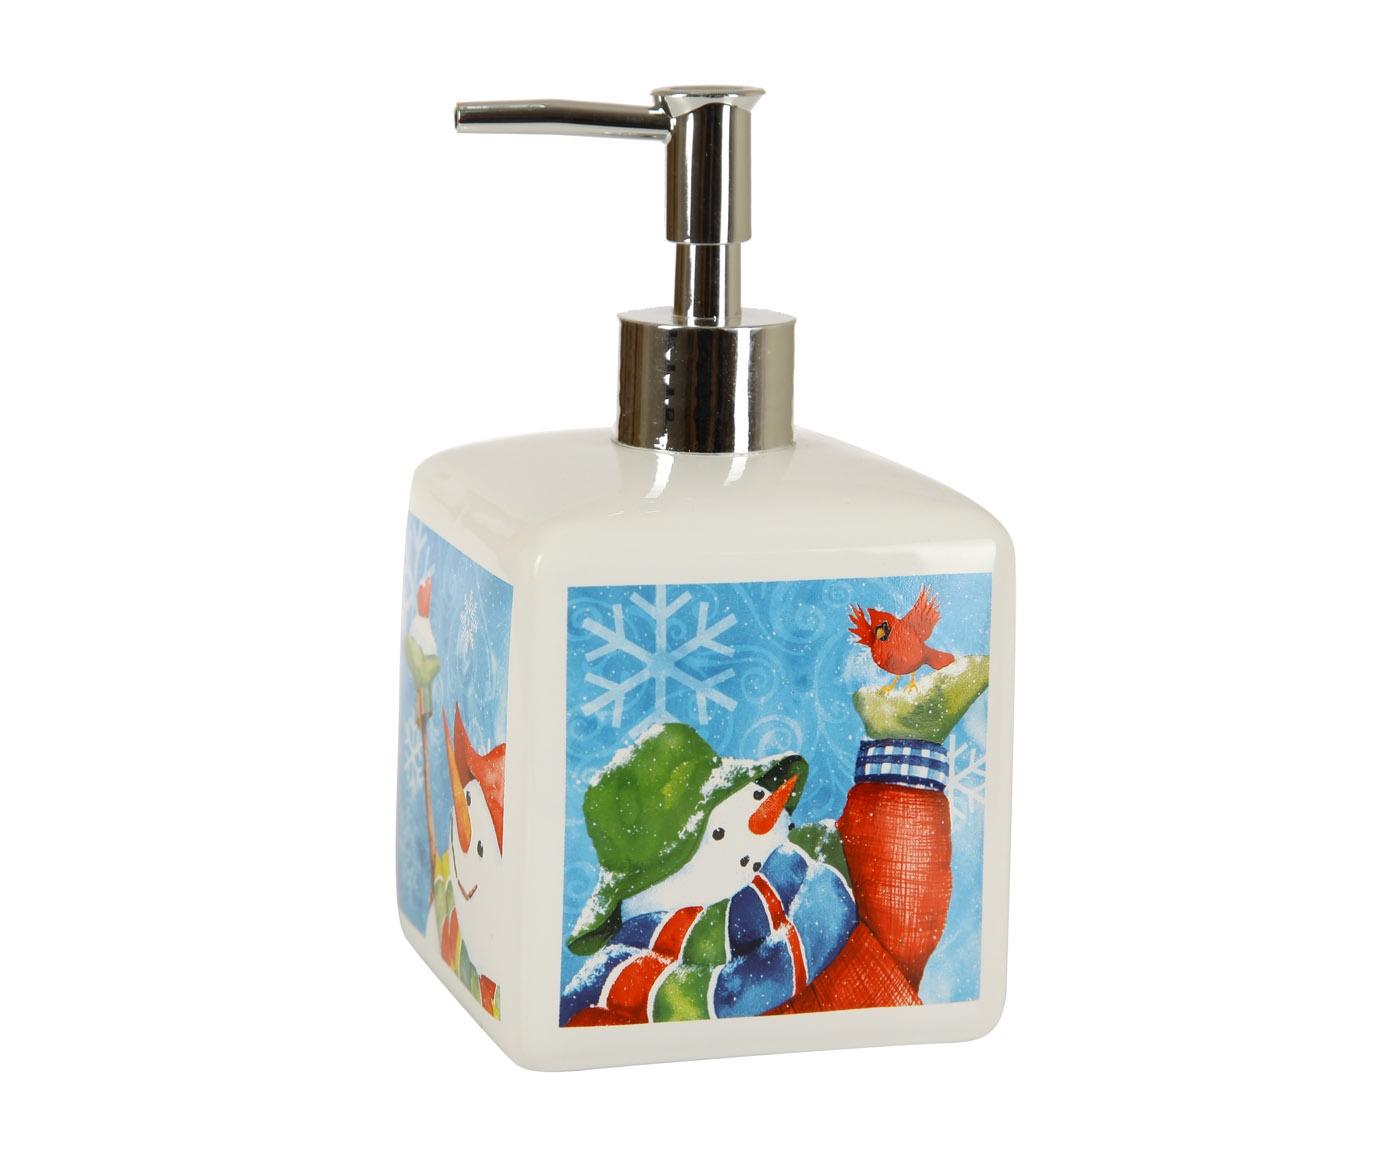 Дозатор для мыла Blonder Home для жидкого мыла дозатор для жидкого мыла moroshka дозатор для жидкого мыла page 7